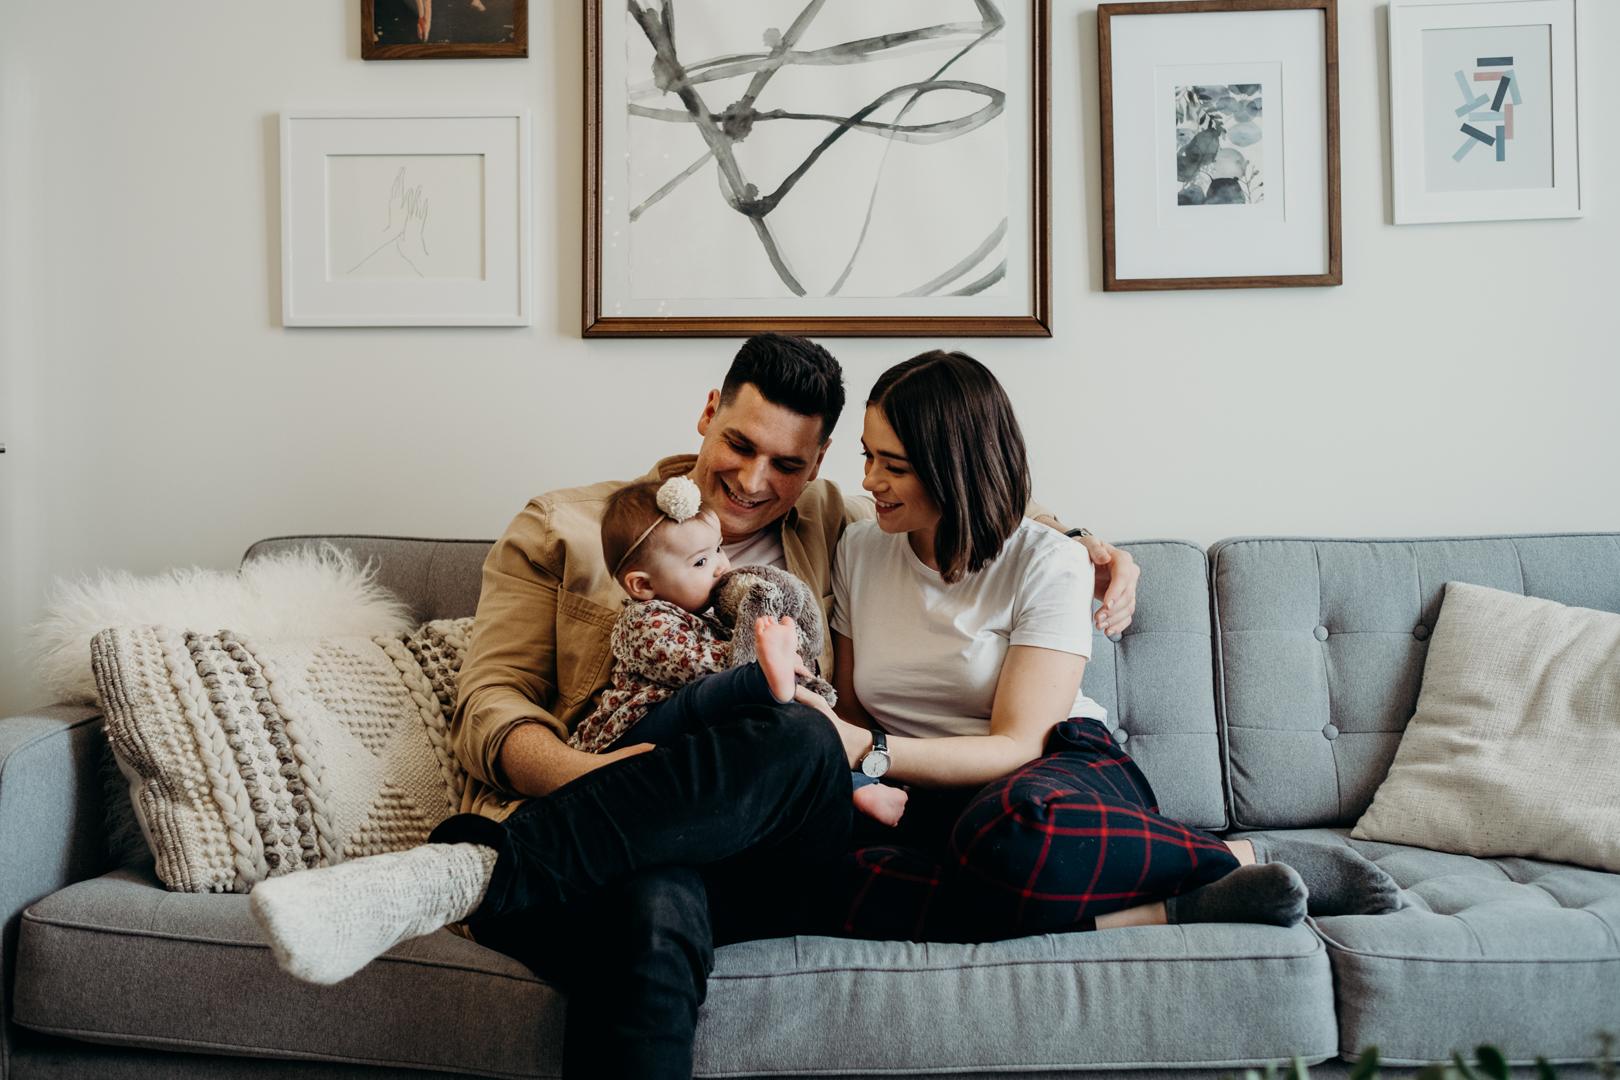 20171222_Ottawa Ontario Canada Lifestlyle Family Photos _13.jpg